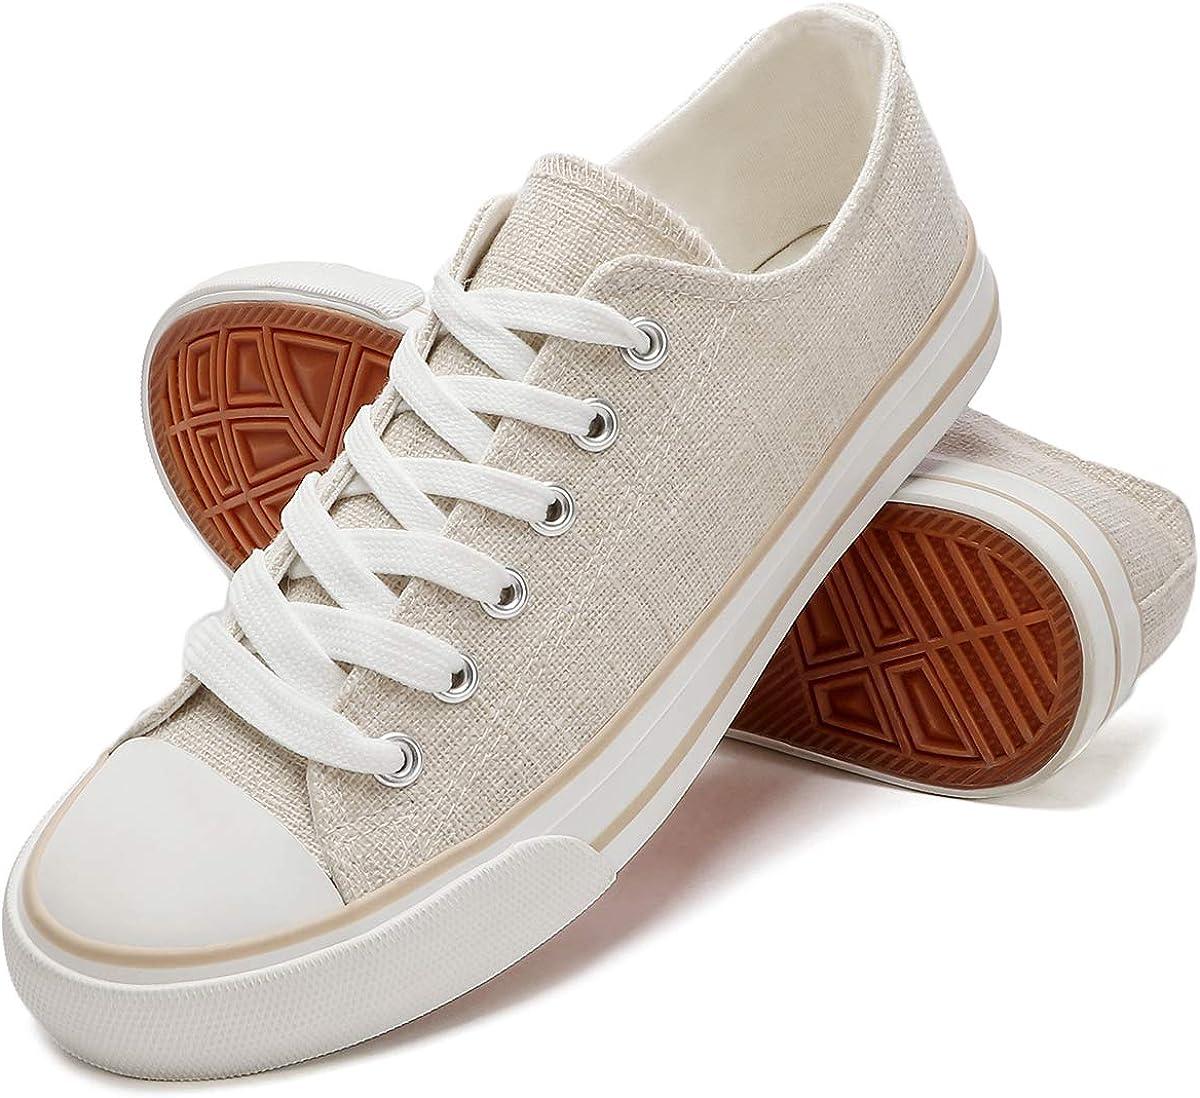 ZGR Women Canvas Sneakers Low Cut Casual Walking Shoes